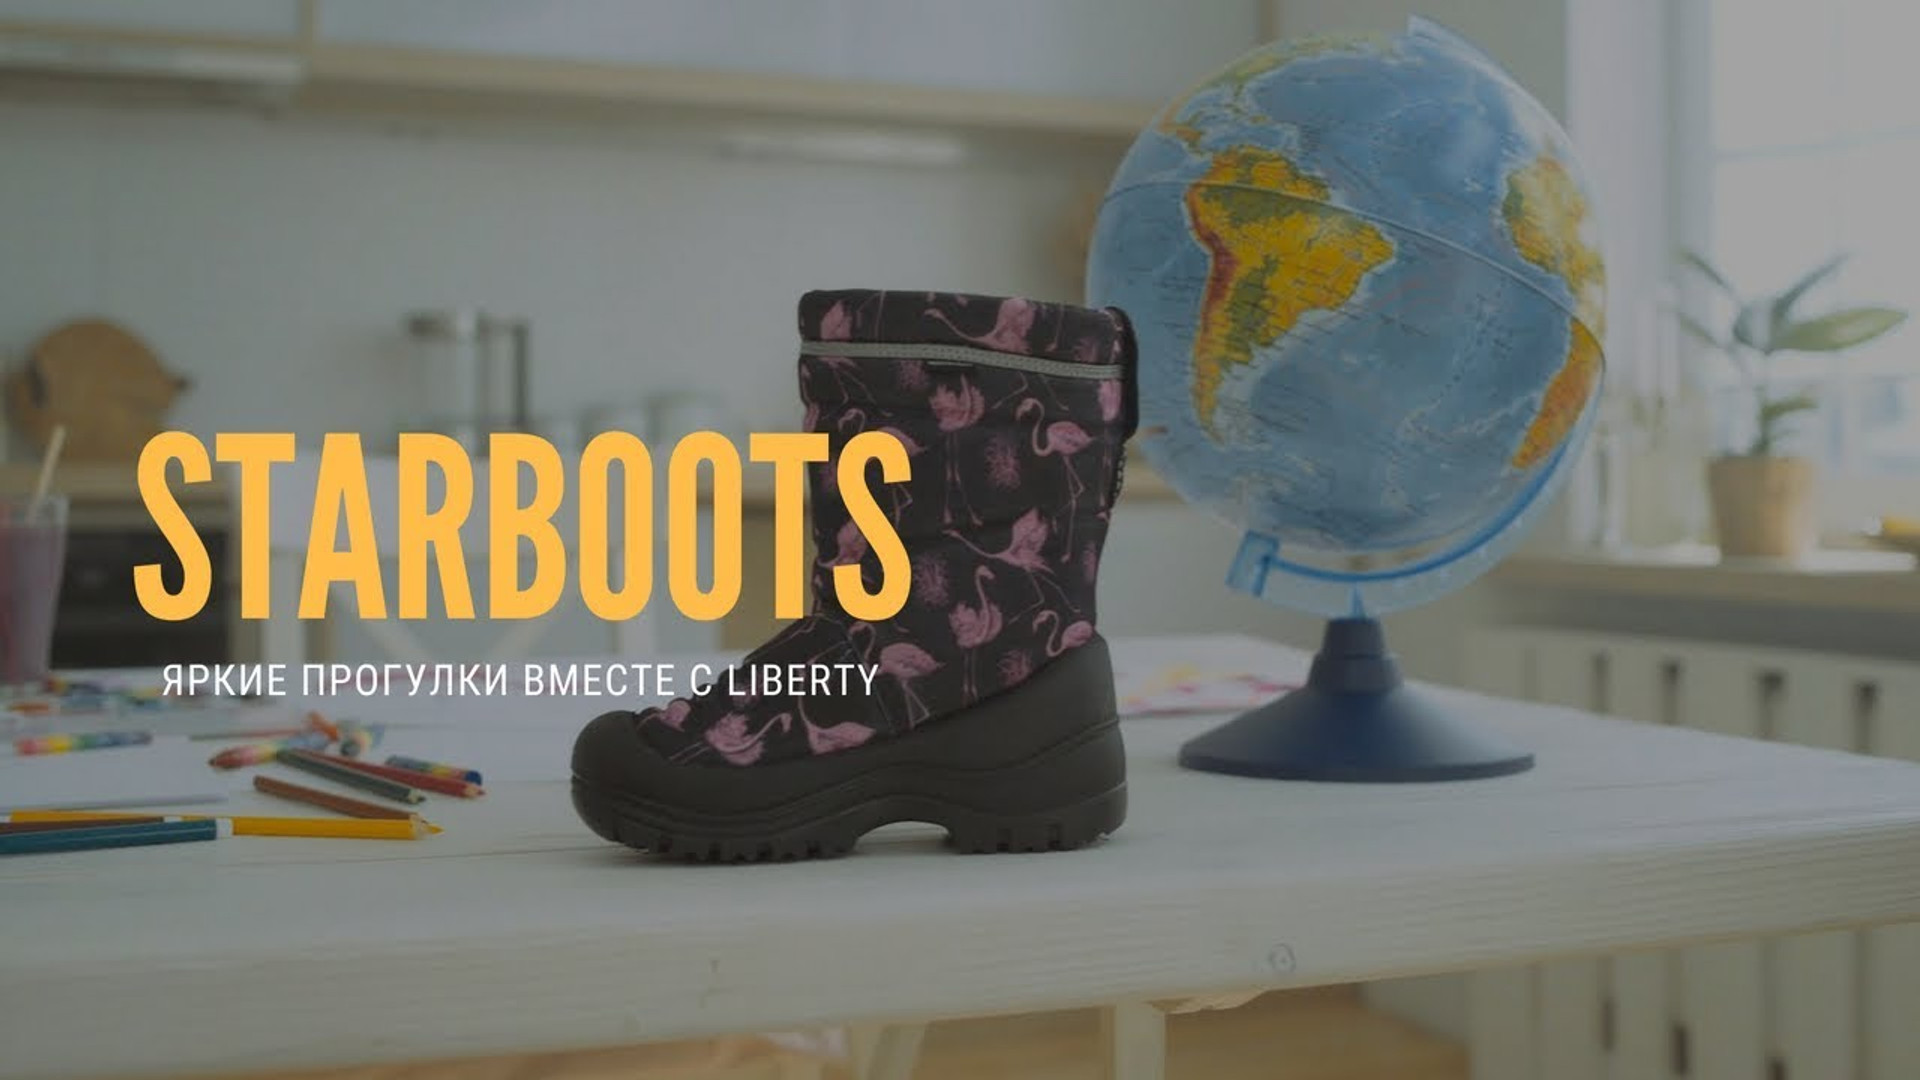 Видеосъёмка в Санкт-Петербурге рекламного ролика для детской обуви.